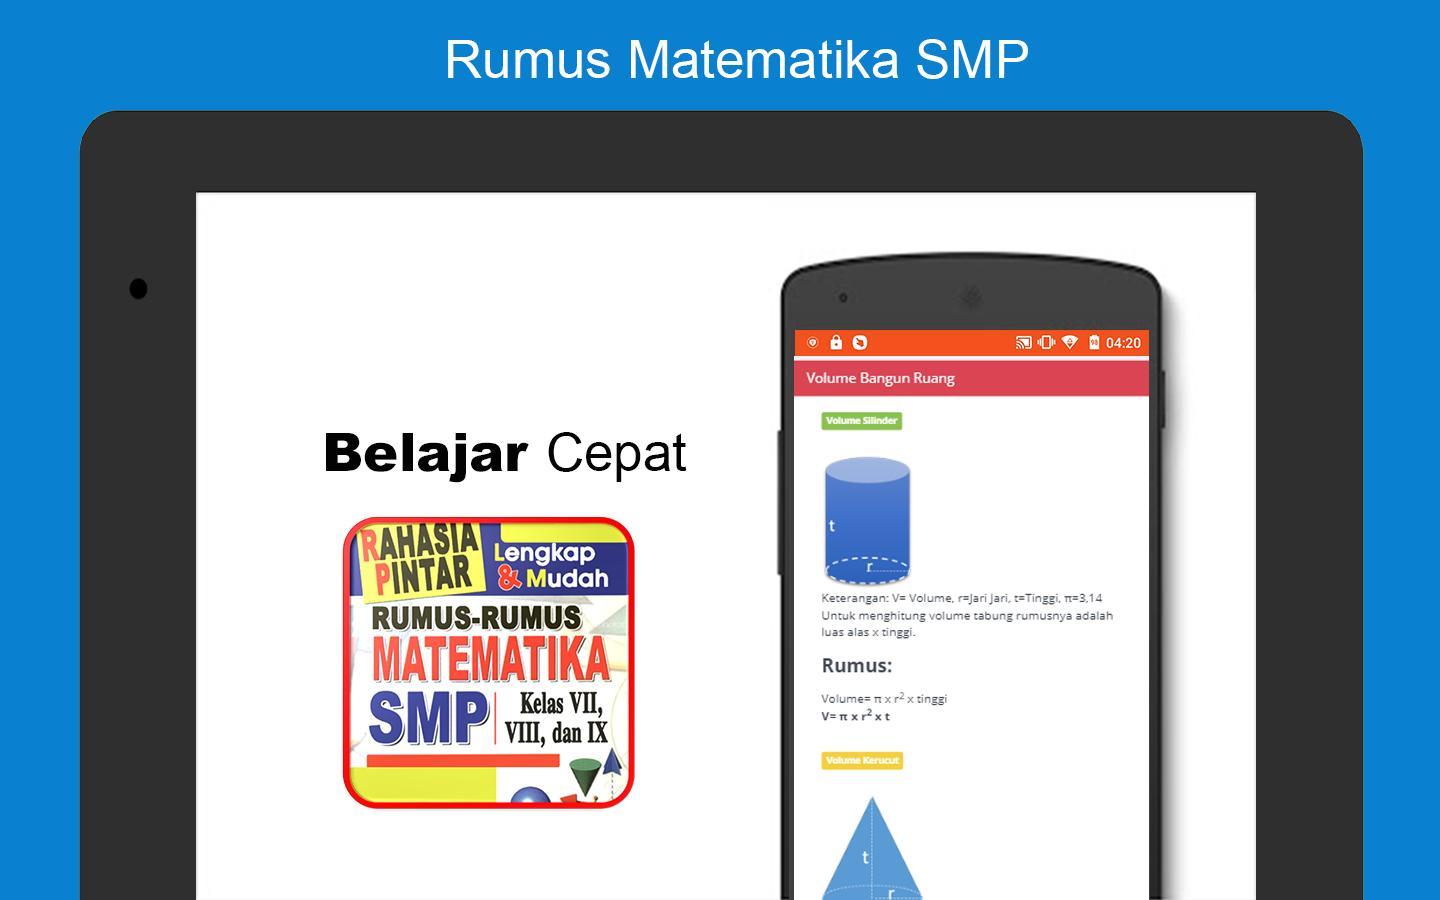 Rumus Matematika Smp Kelas 7 8 9 Lengkap Para Android Apk Baixar